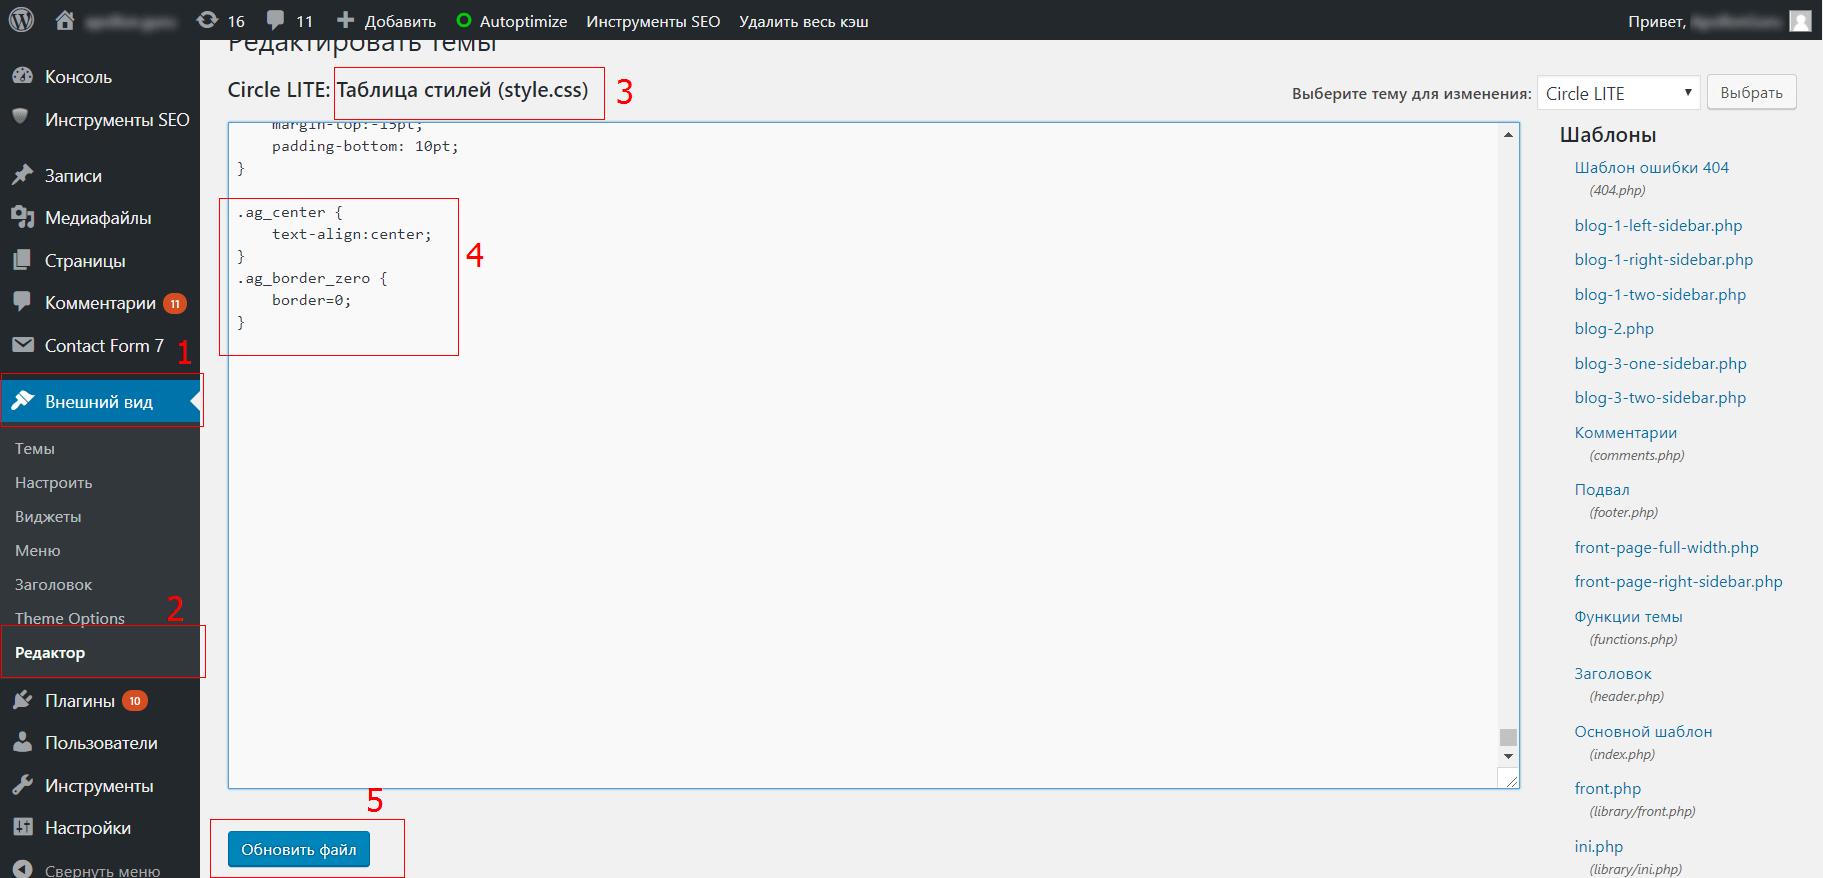 Редактирование таблицы стилей